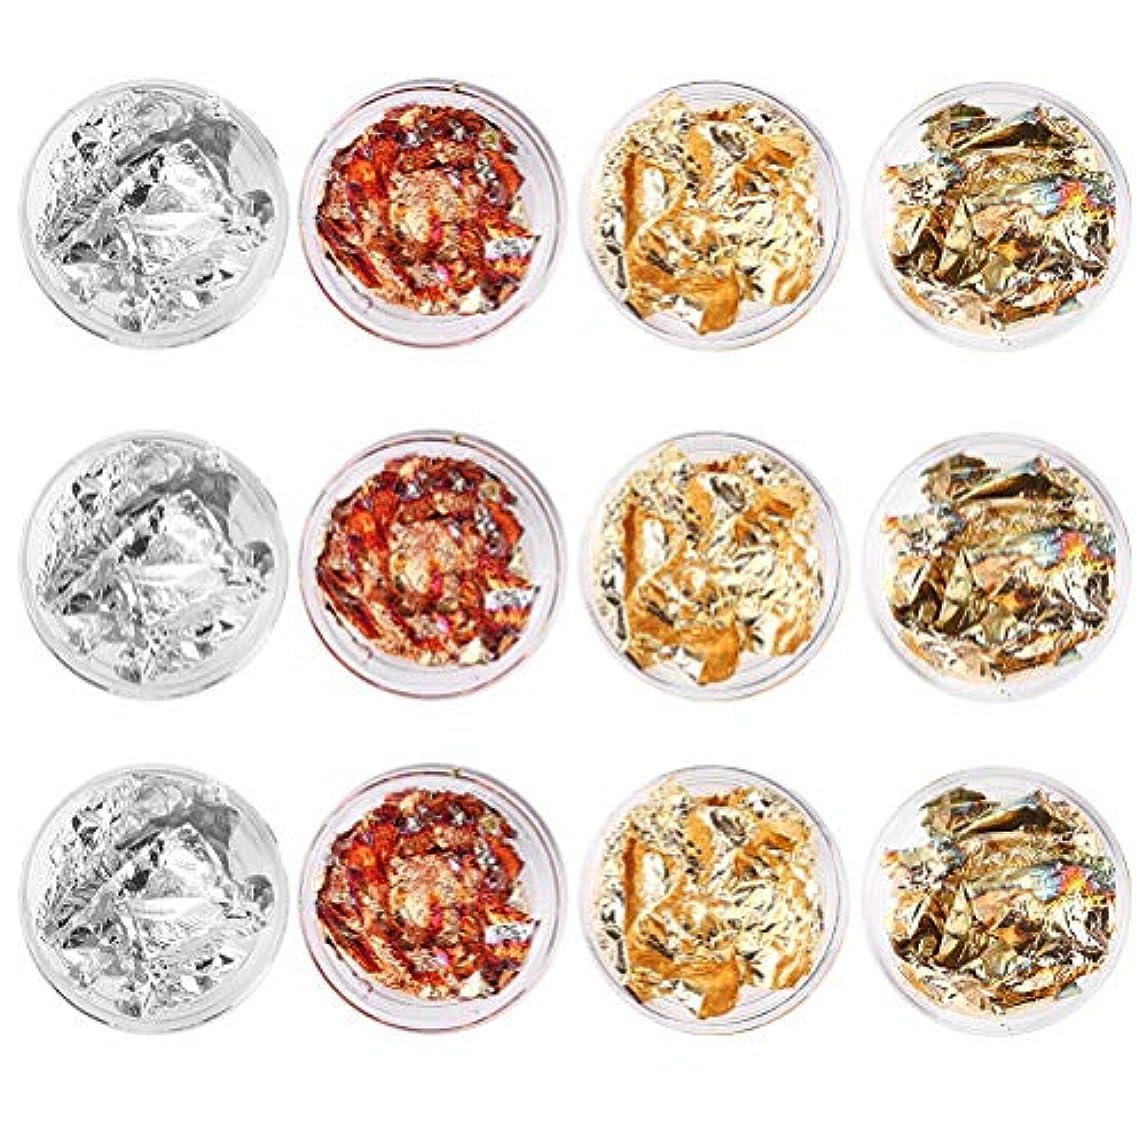 変わる座るカリキュラムFrcolor ネイルアートステッカー金銀箔シールネイルアクセサリー女の子と女性12ピース4色